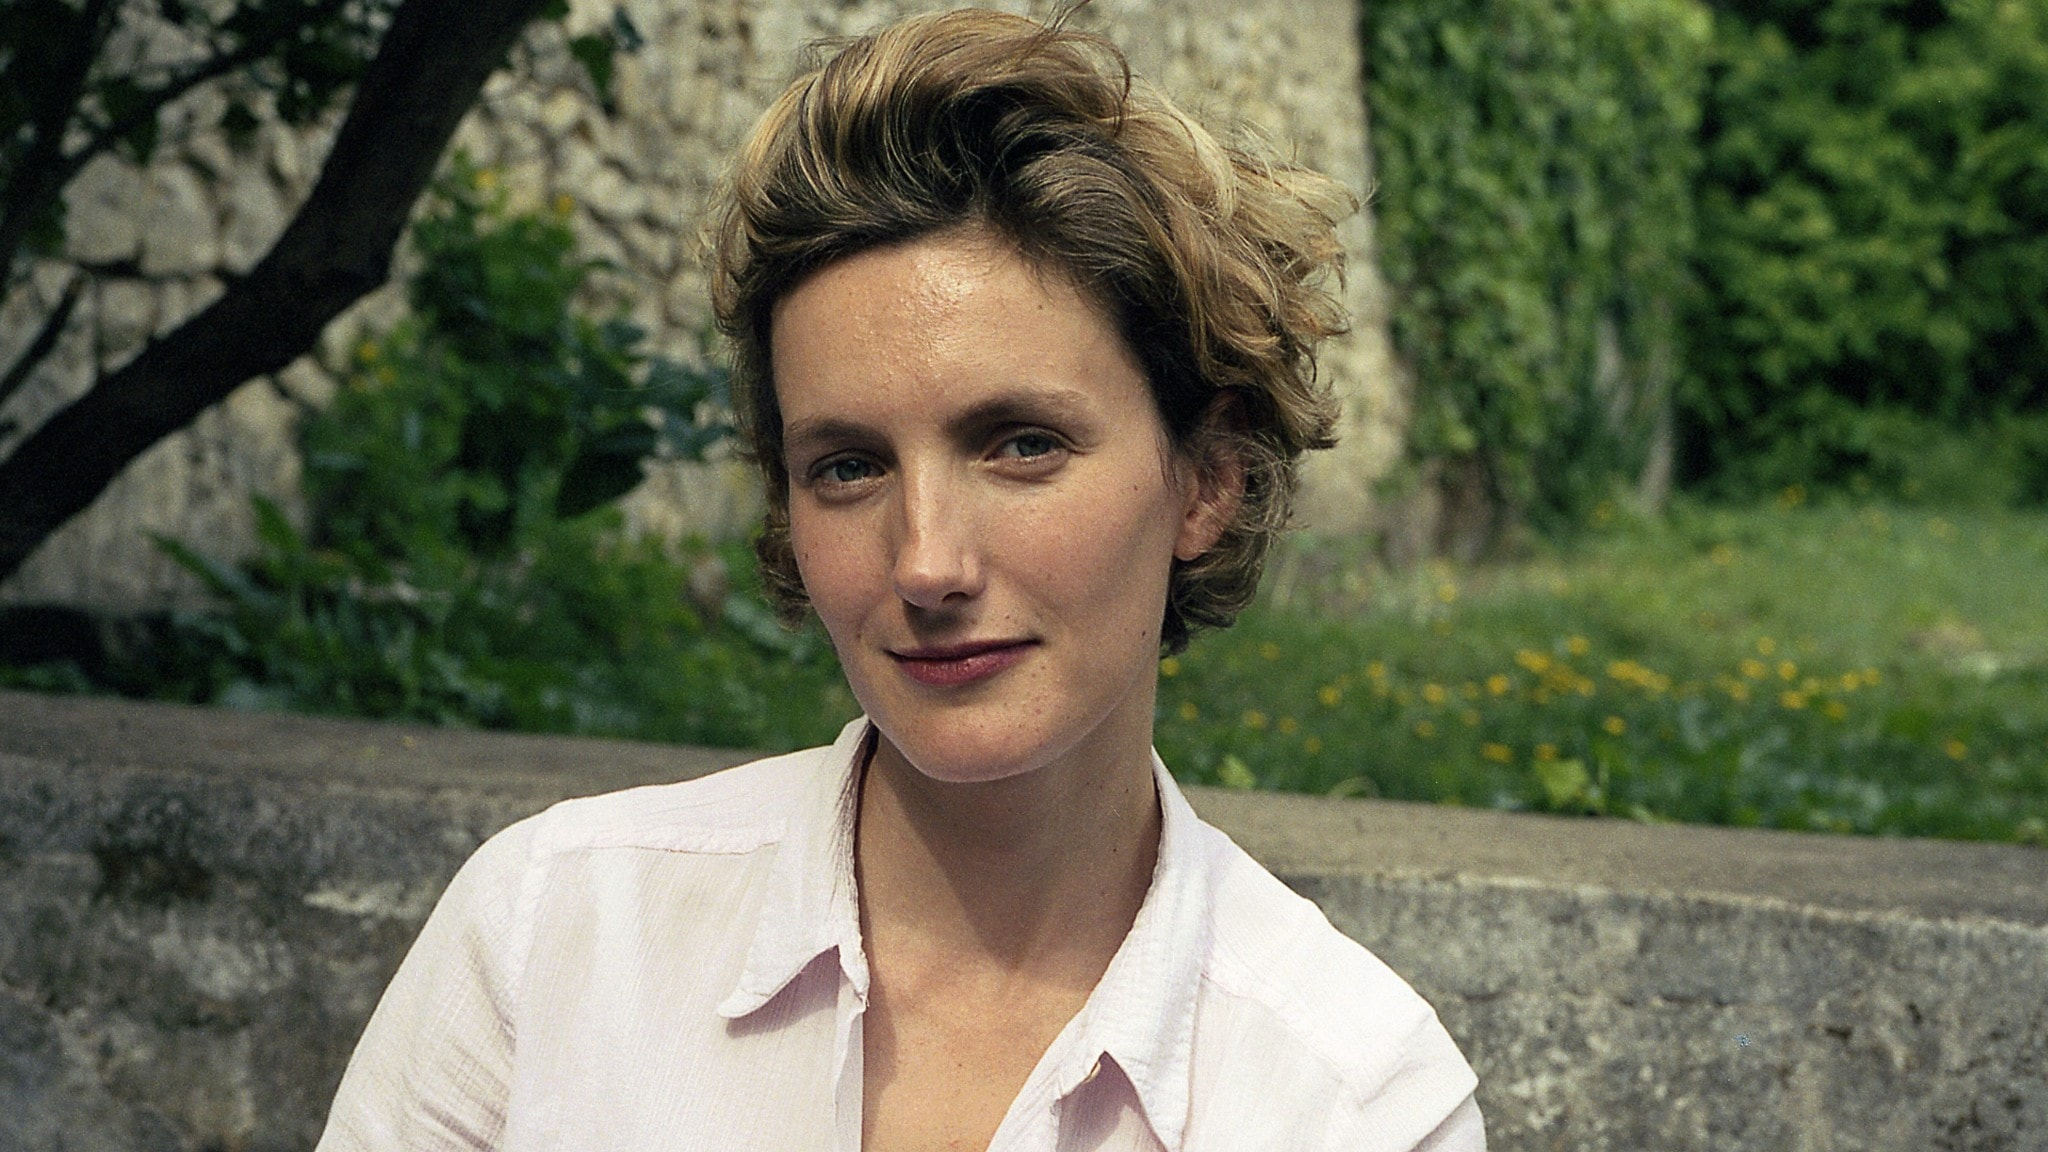 Anna Gavalda fotofraferad i närbild utomhus